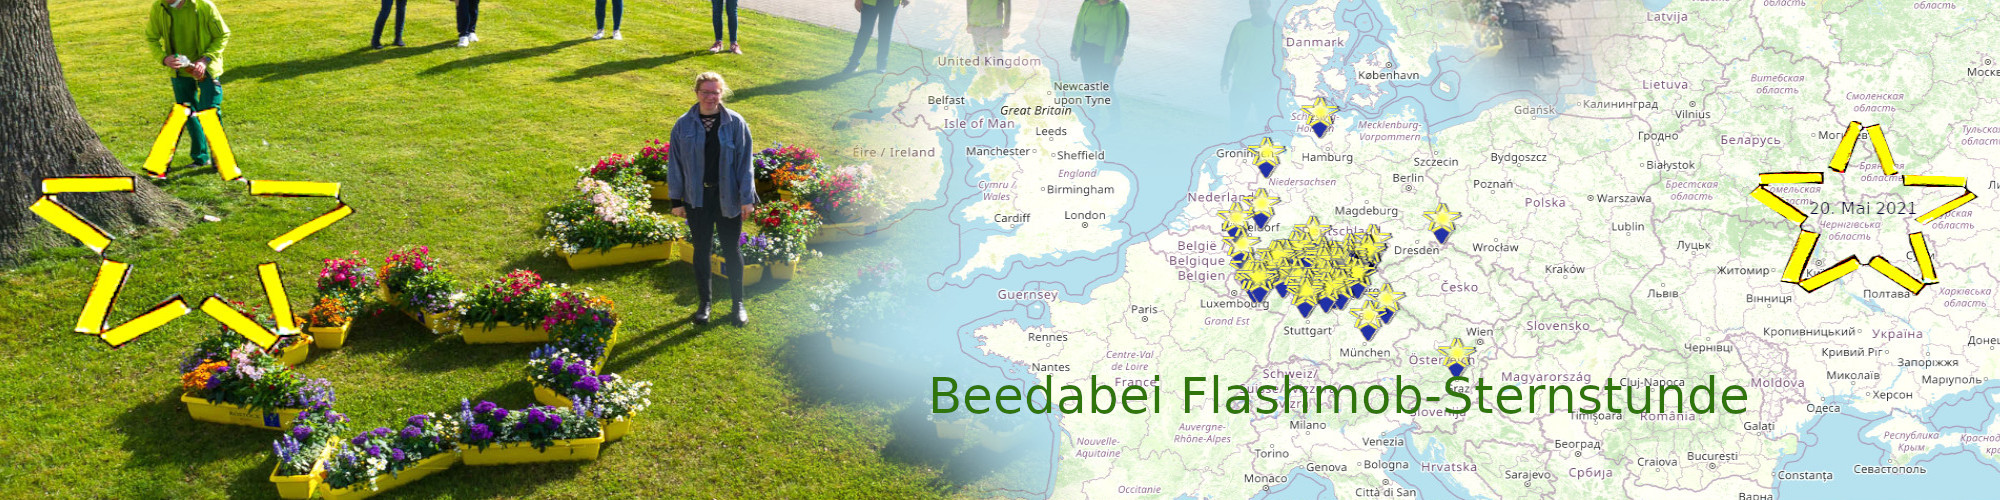 Beedabei-Flashmob-Sternstunde-Kalb